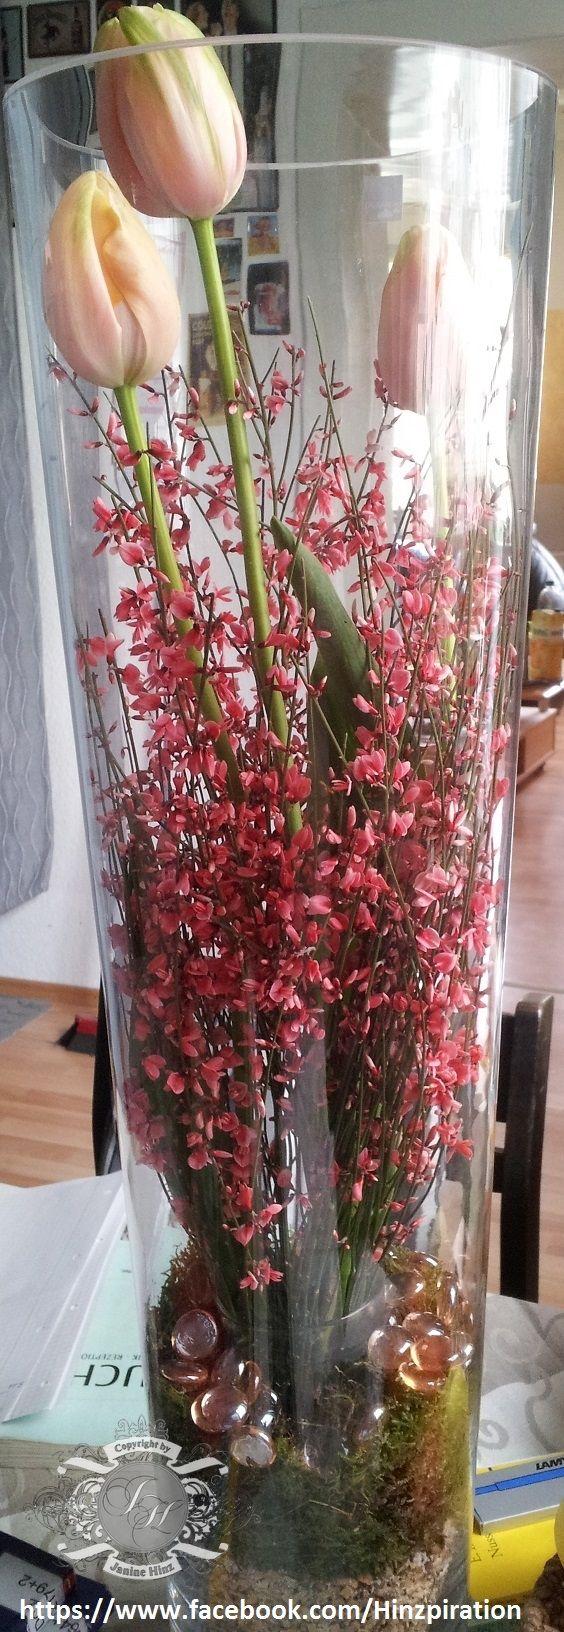 Ostern 2013 Franzosische Tulpen Und Ginster In Einer Bodenvase